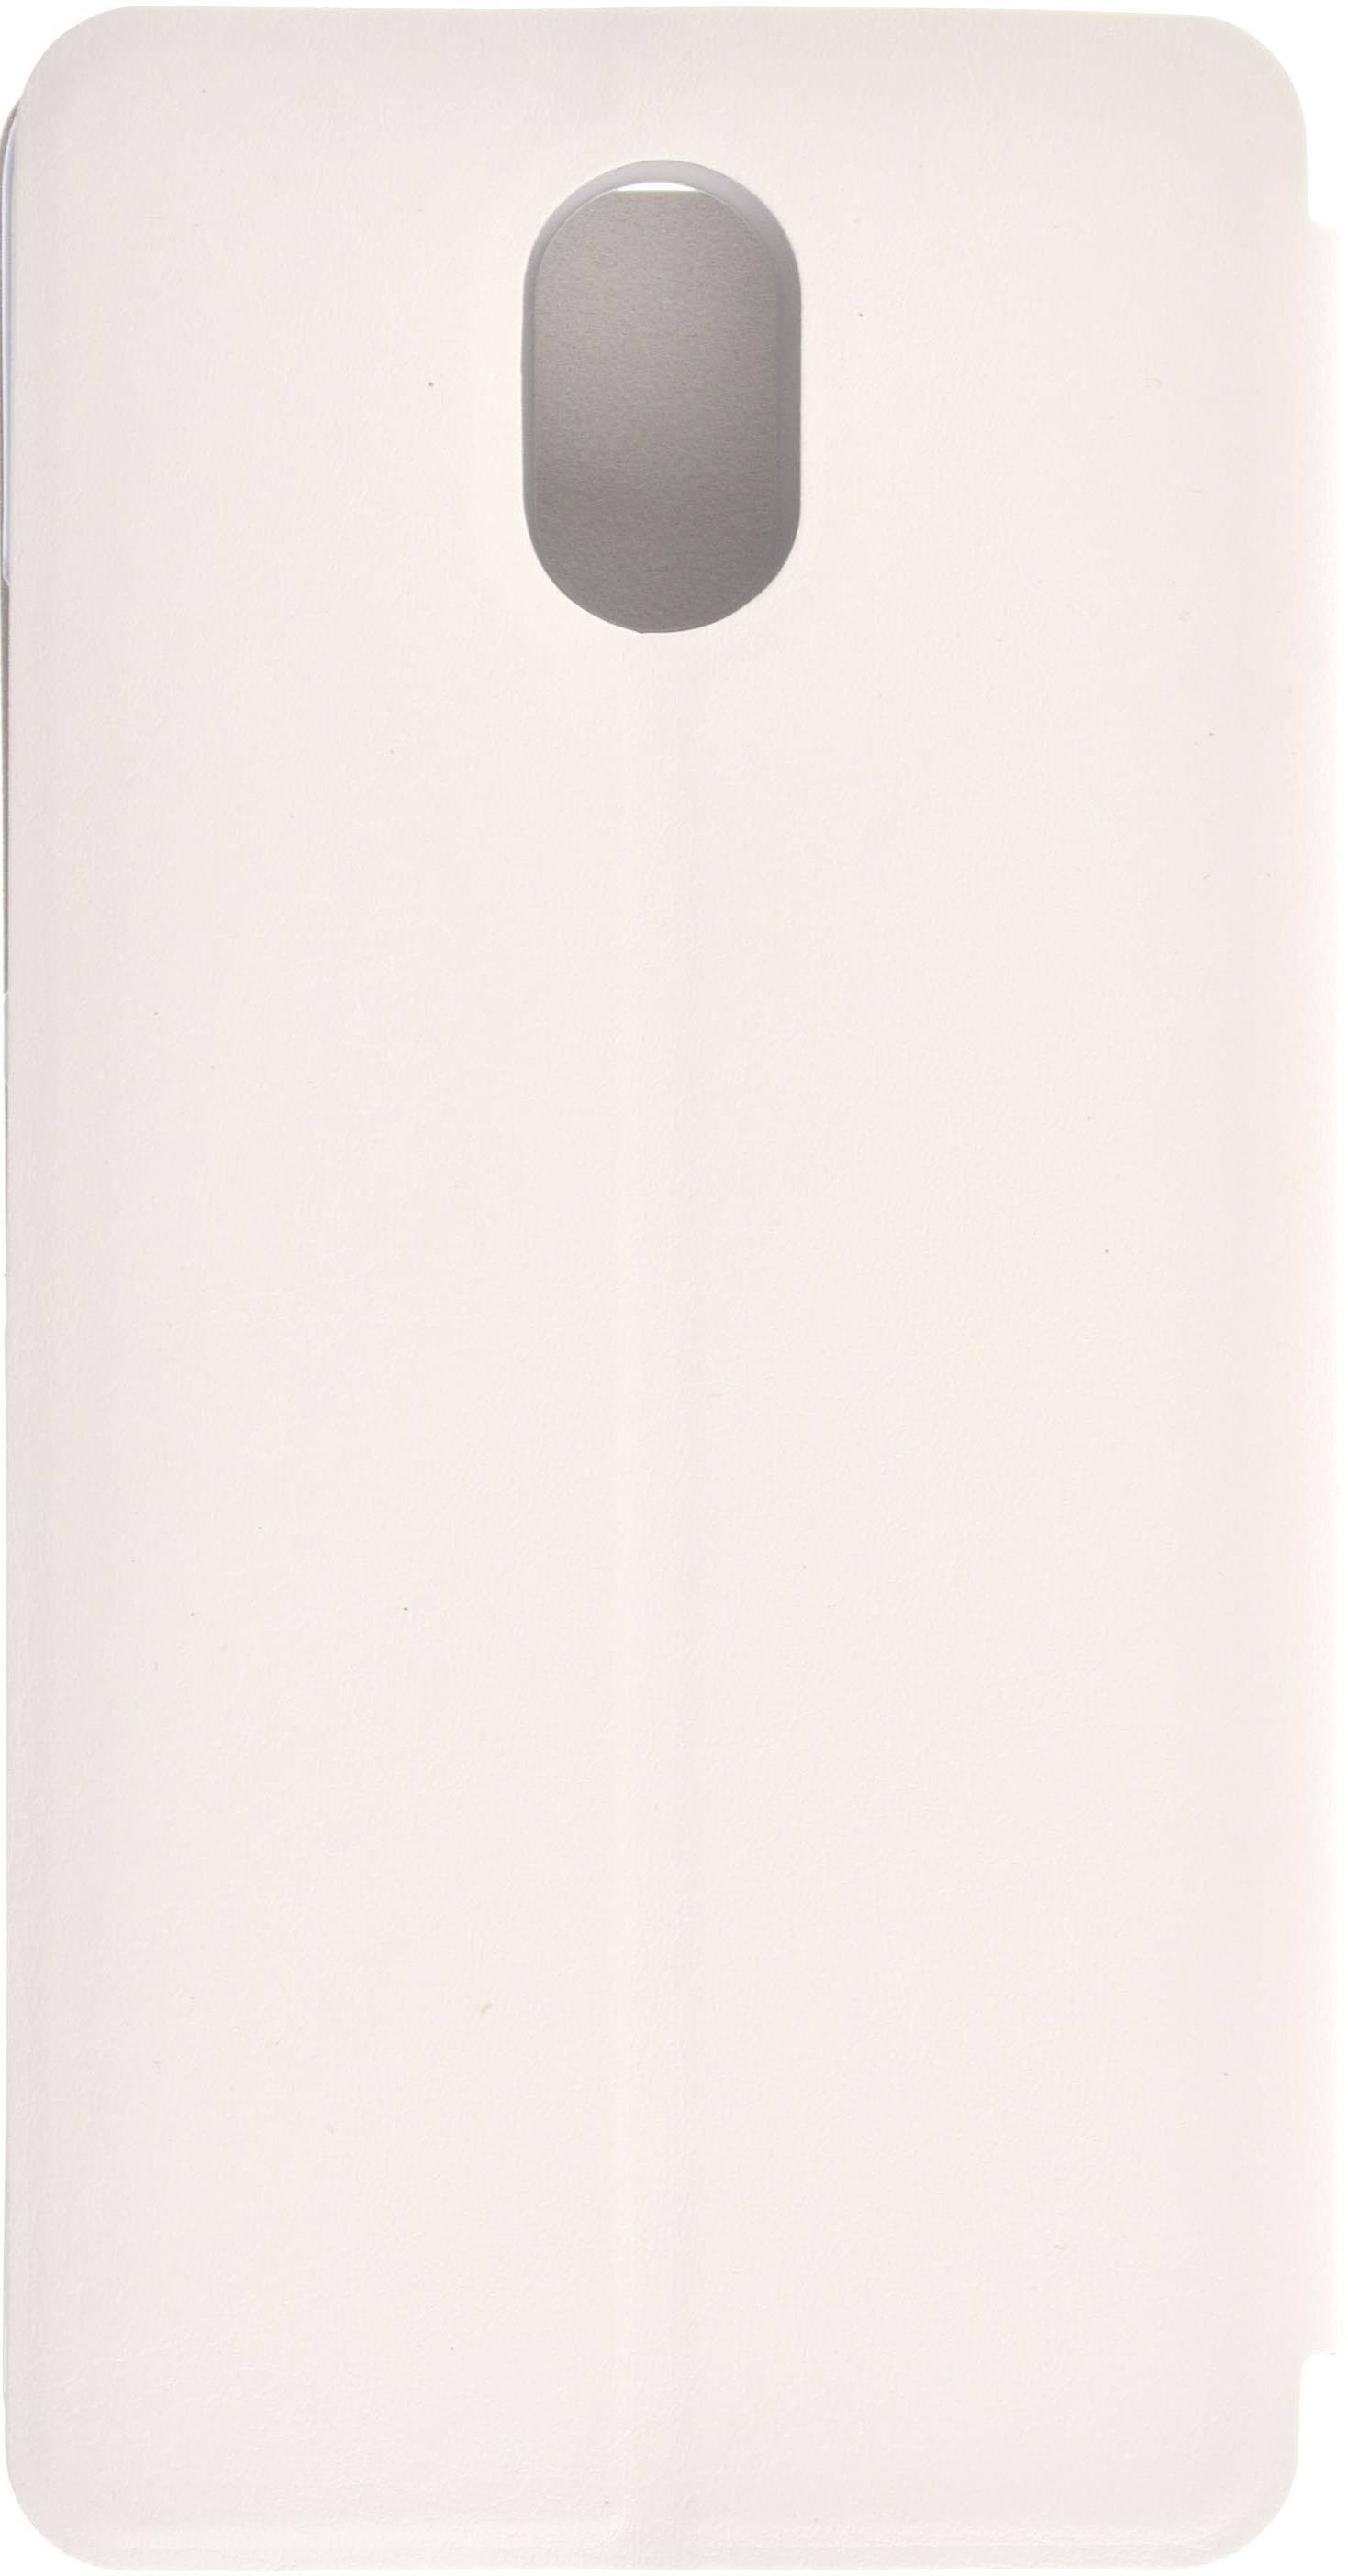 Чехол для сотового телефона skinBOX Lux, 4660041407037, белый цены